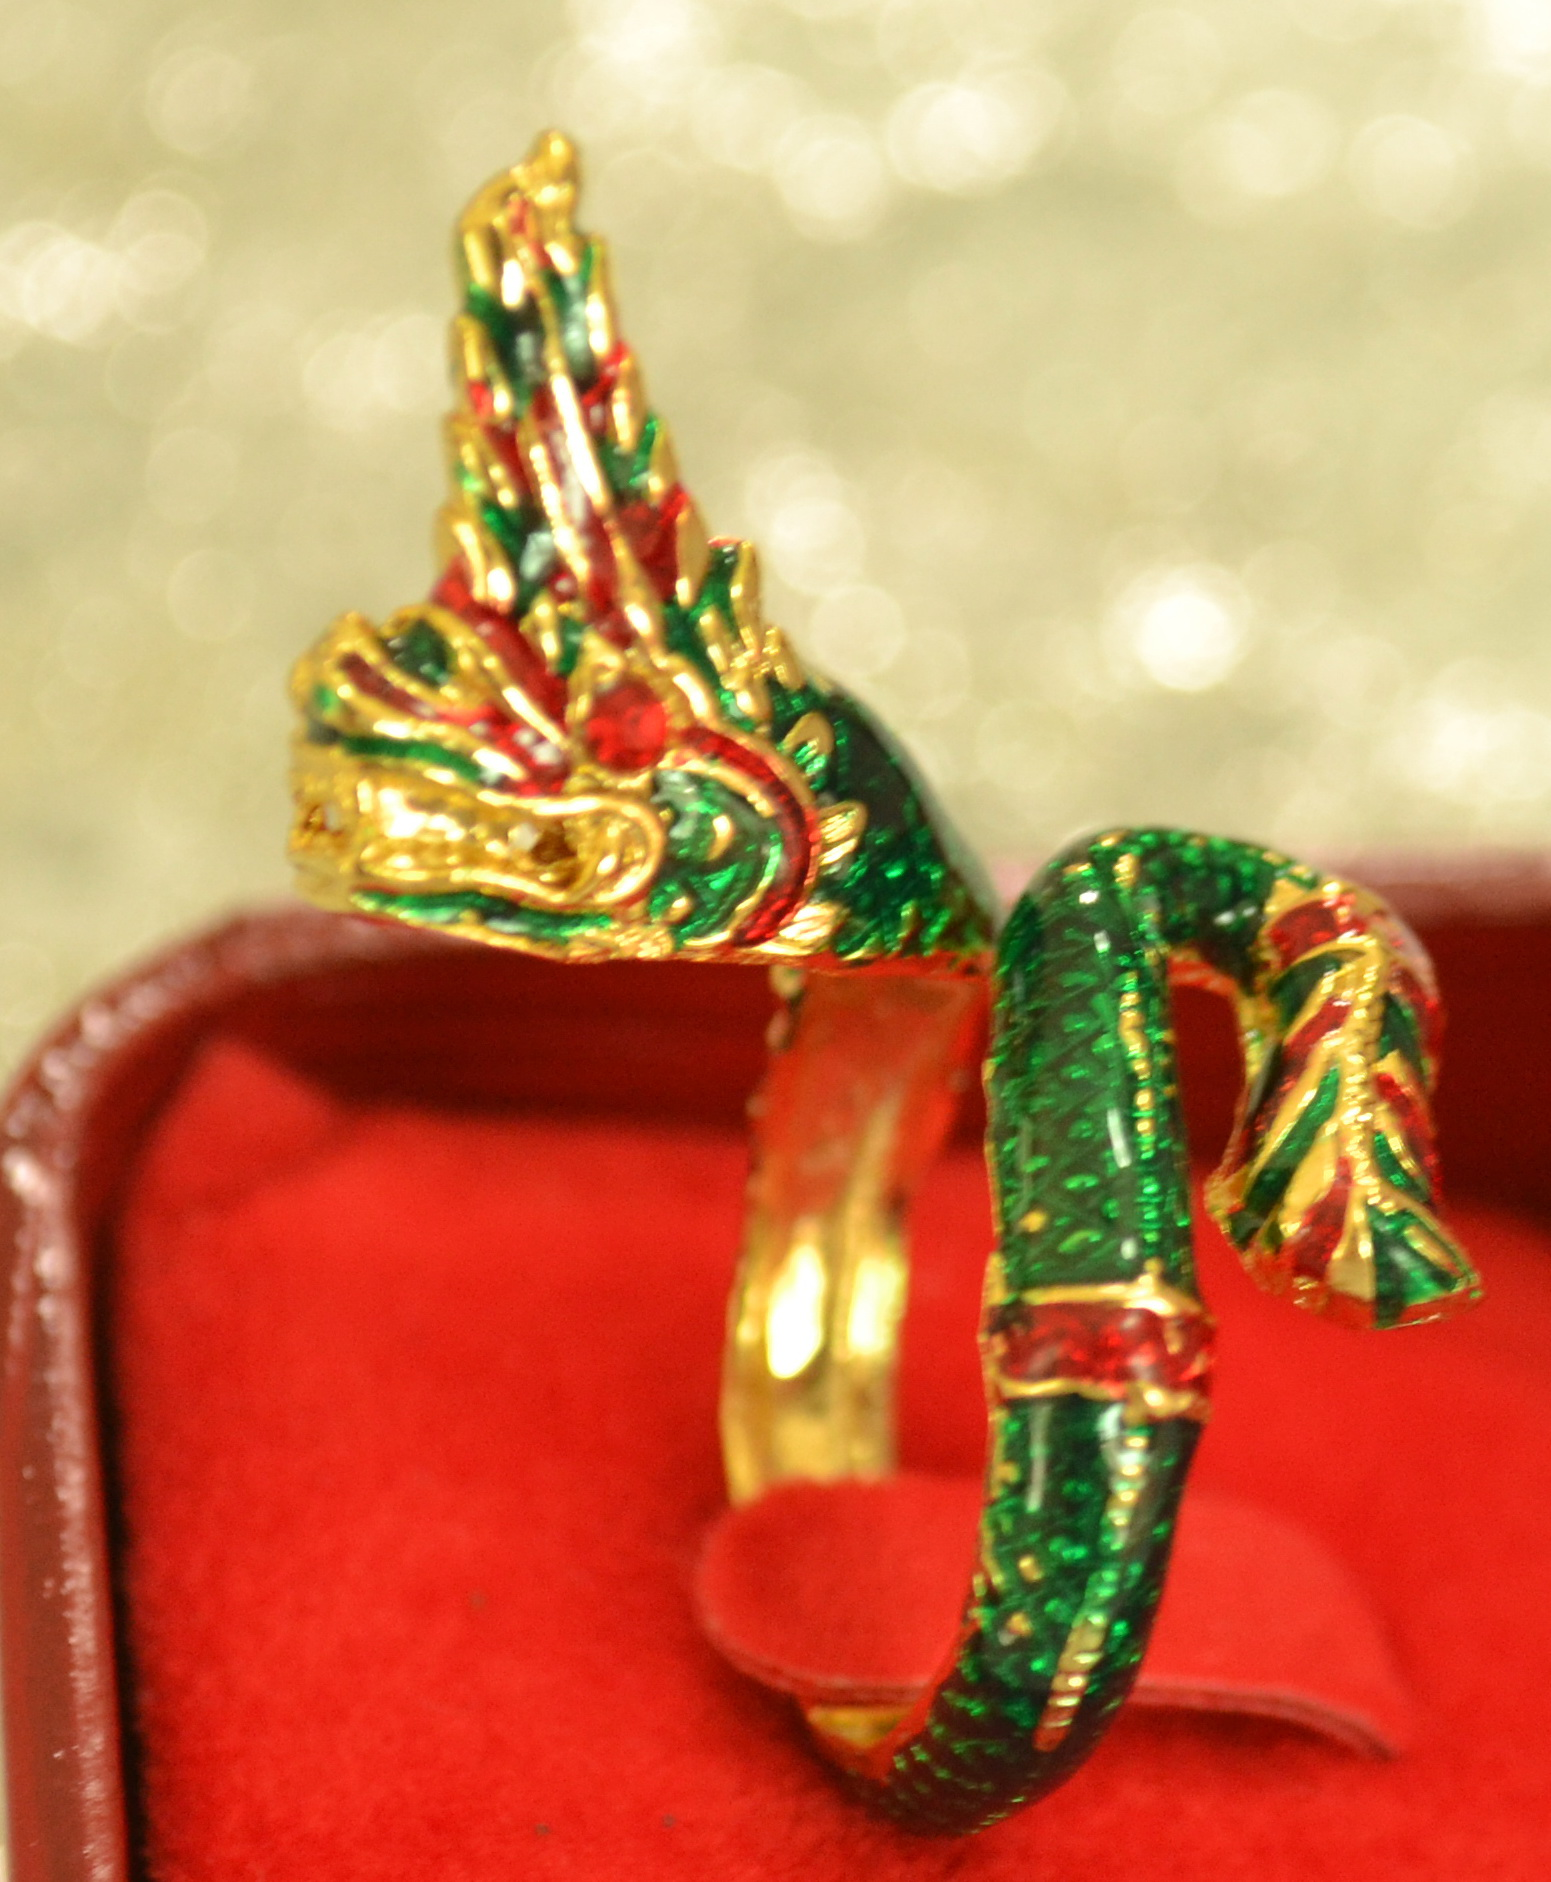 แหวนพญานาคตวัดปลายหาง  สีเขียว